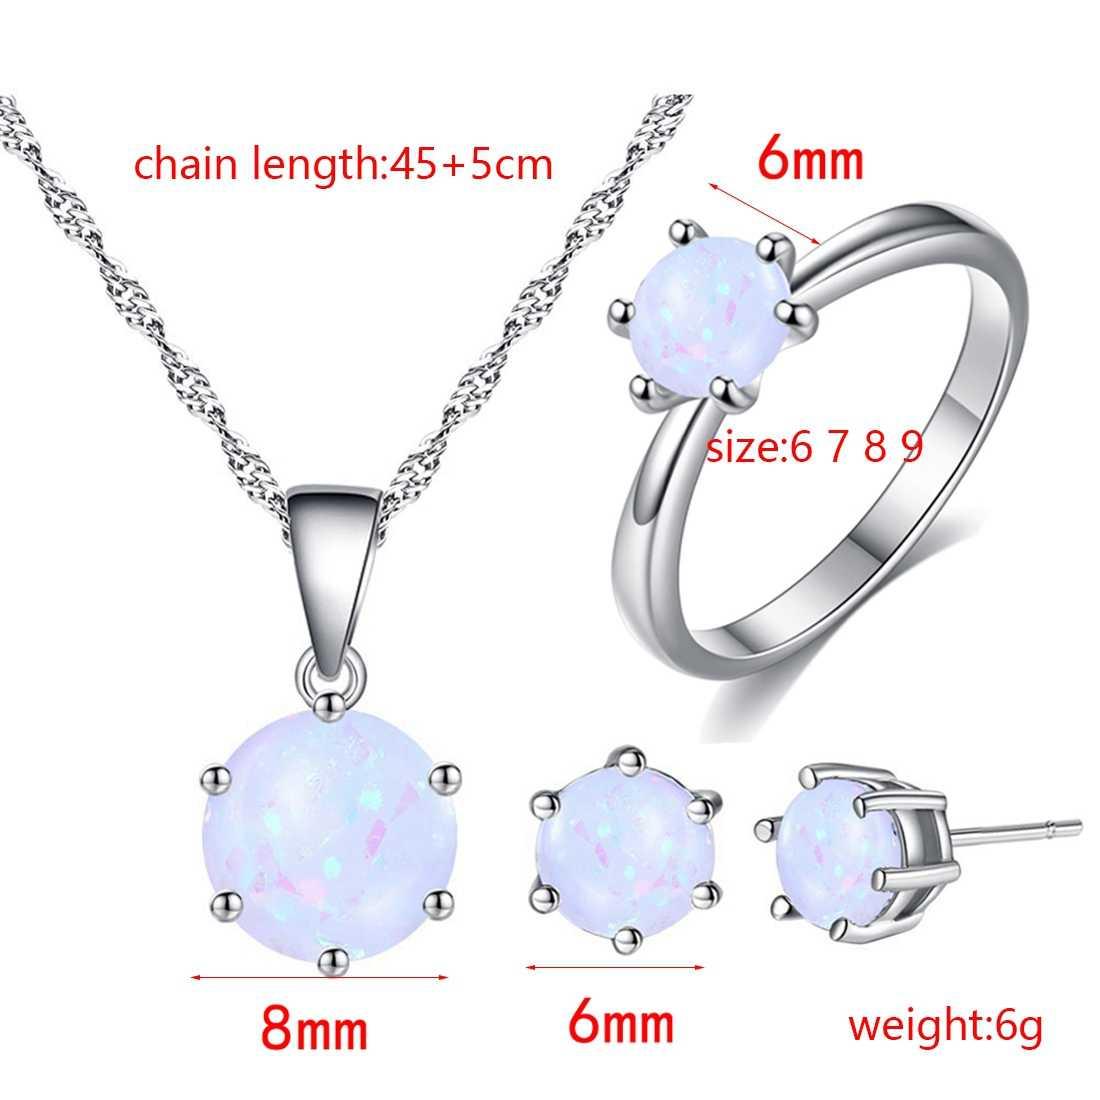 Beiver Opal Schmuck Für Frauen Runde Form Anhänger Ring Mode Silber Farbe Kette Ohrringe Ring Sets Hochzeit Partei Schmuck